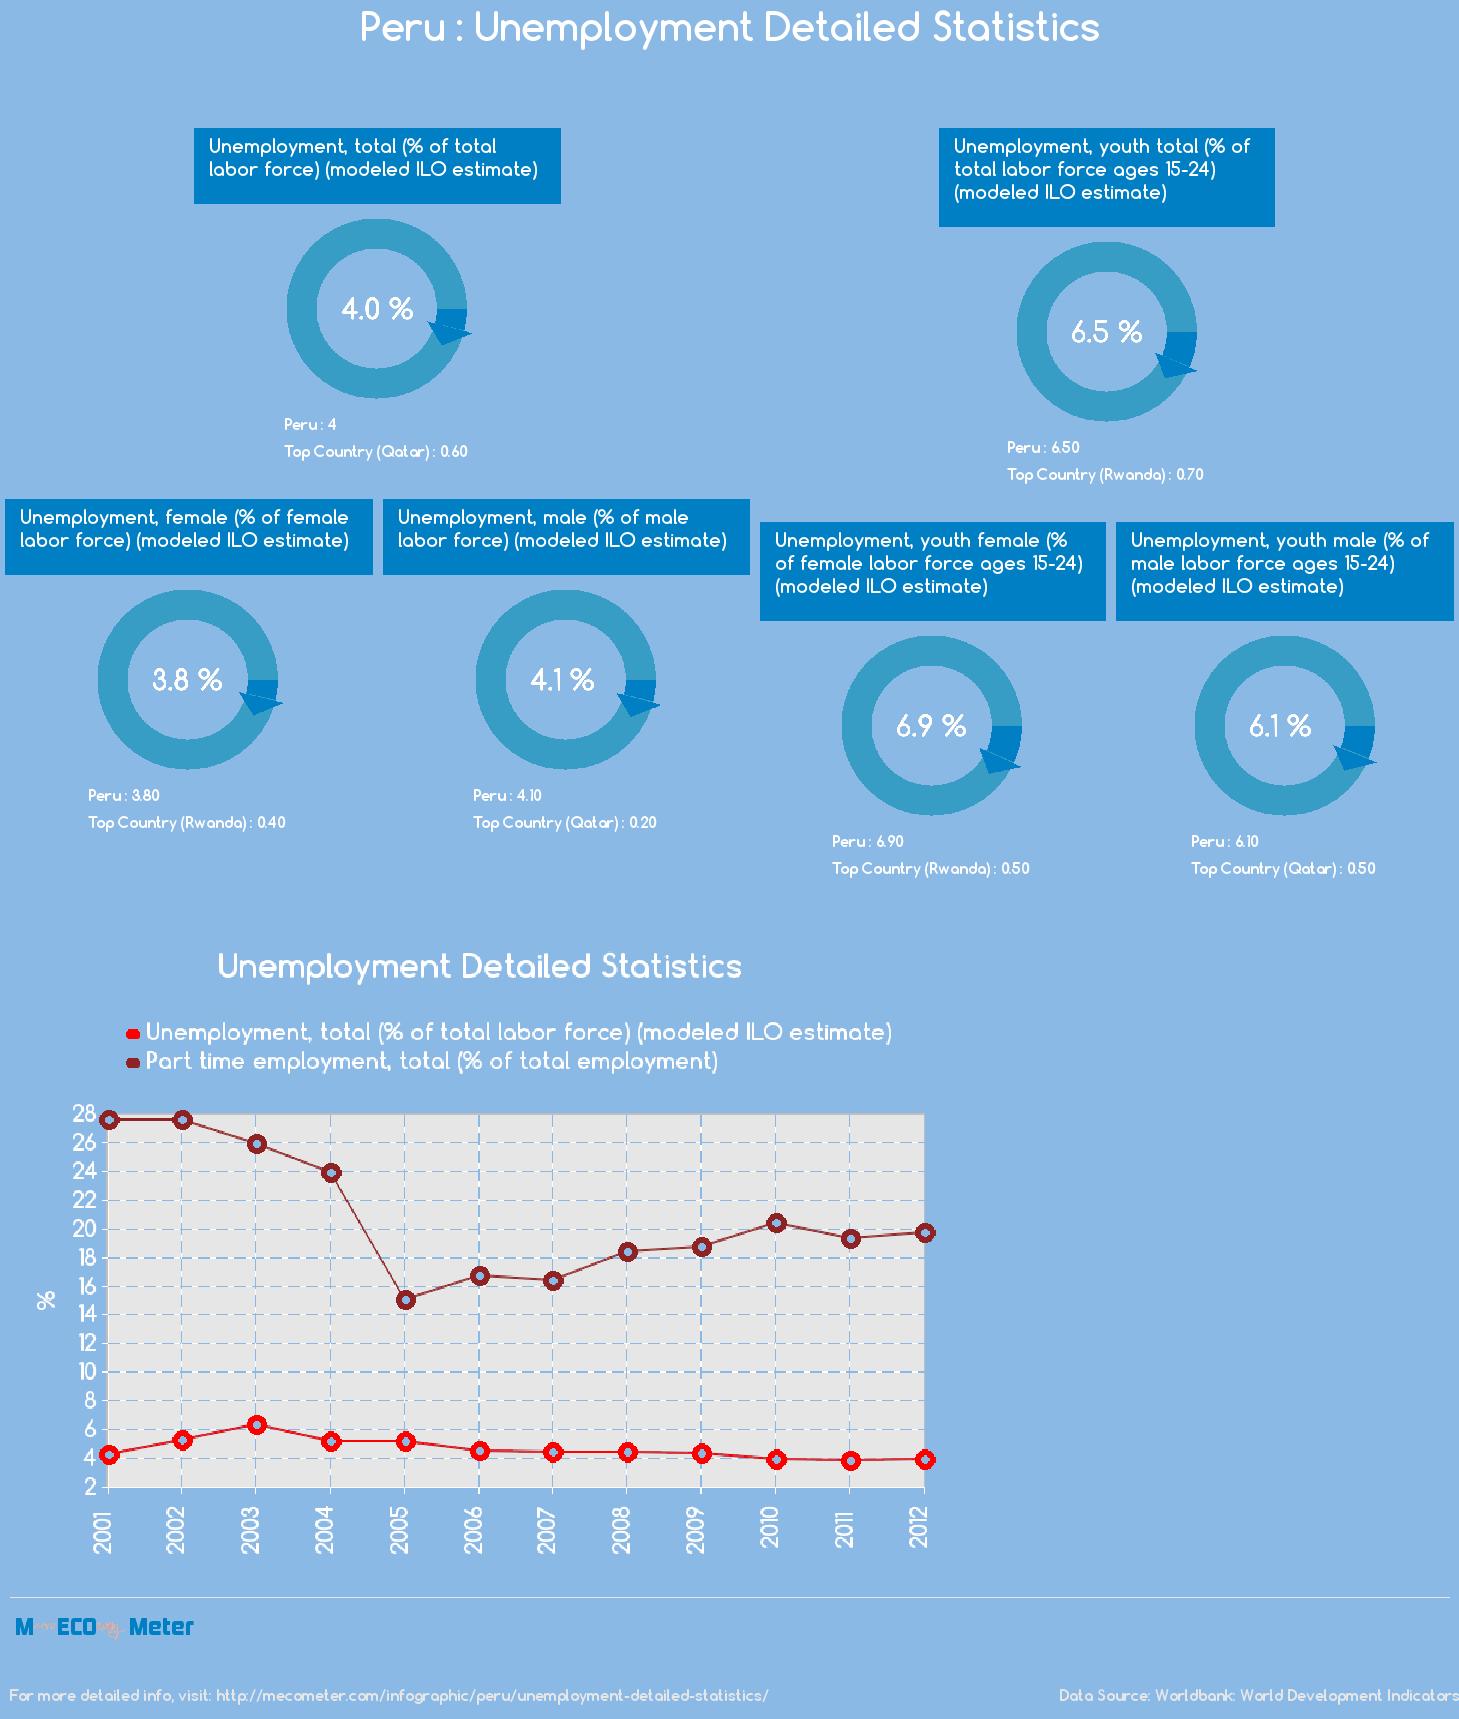 Peru : Unemployment Detailed Statistics